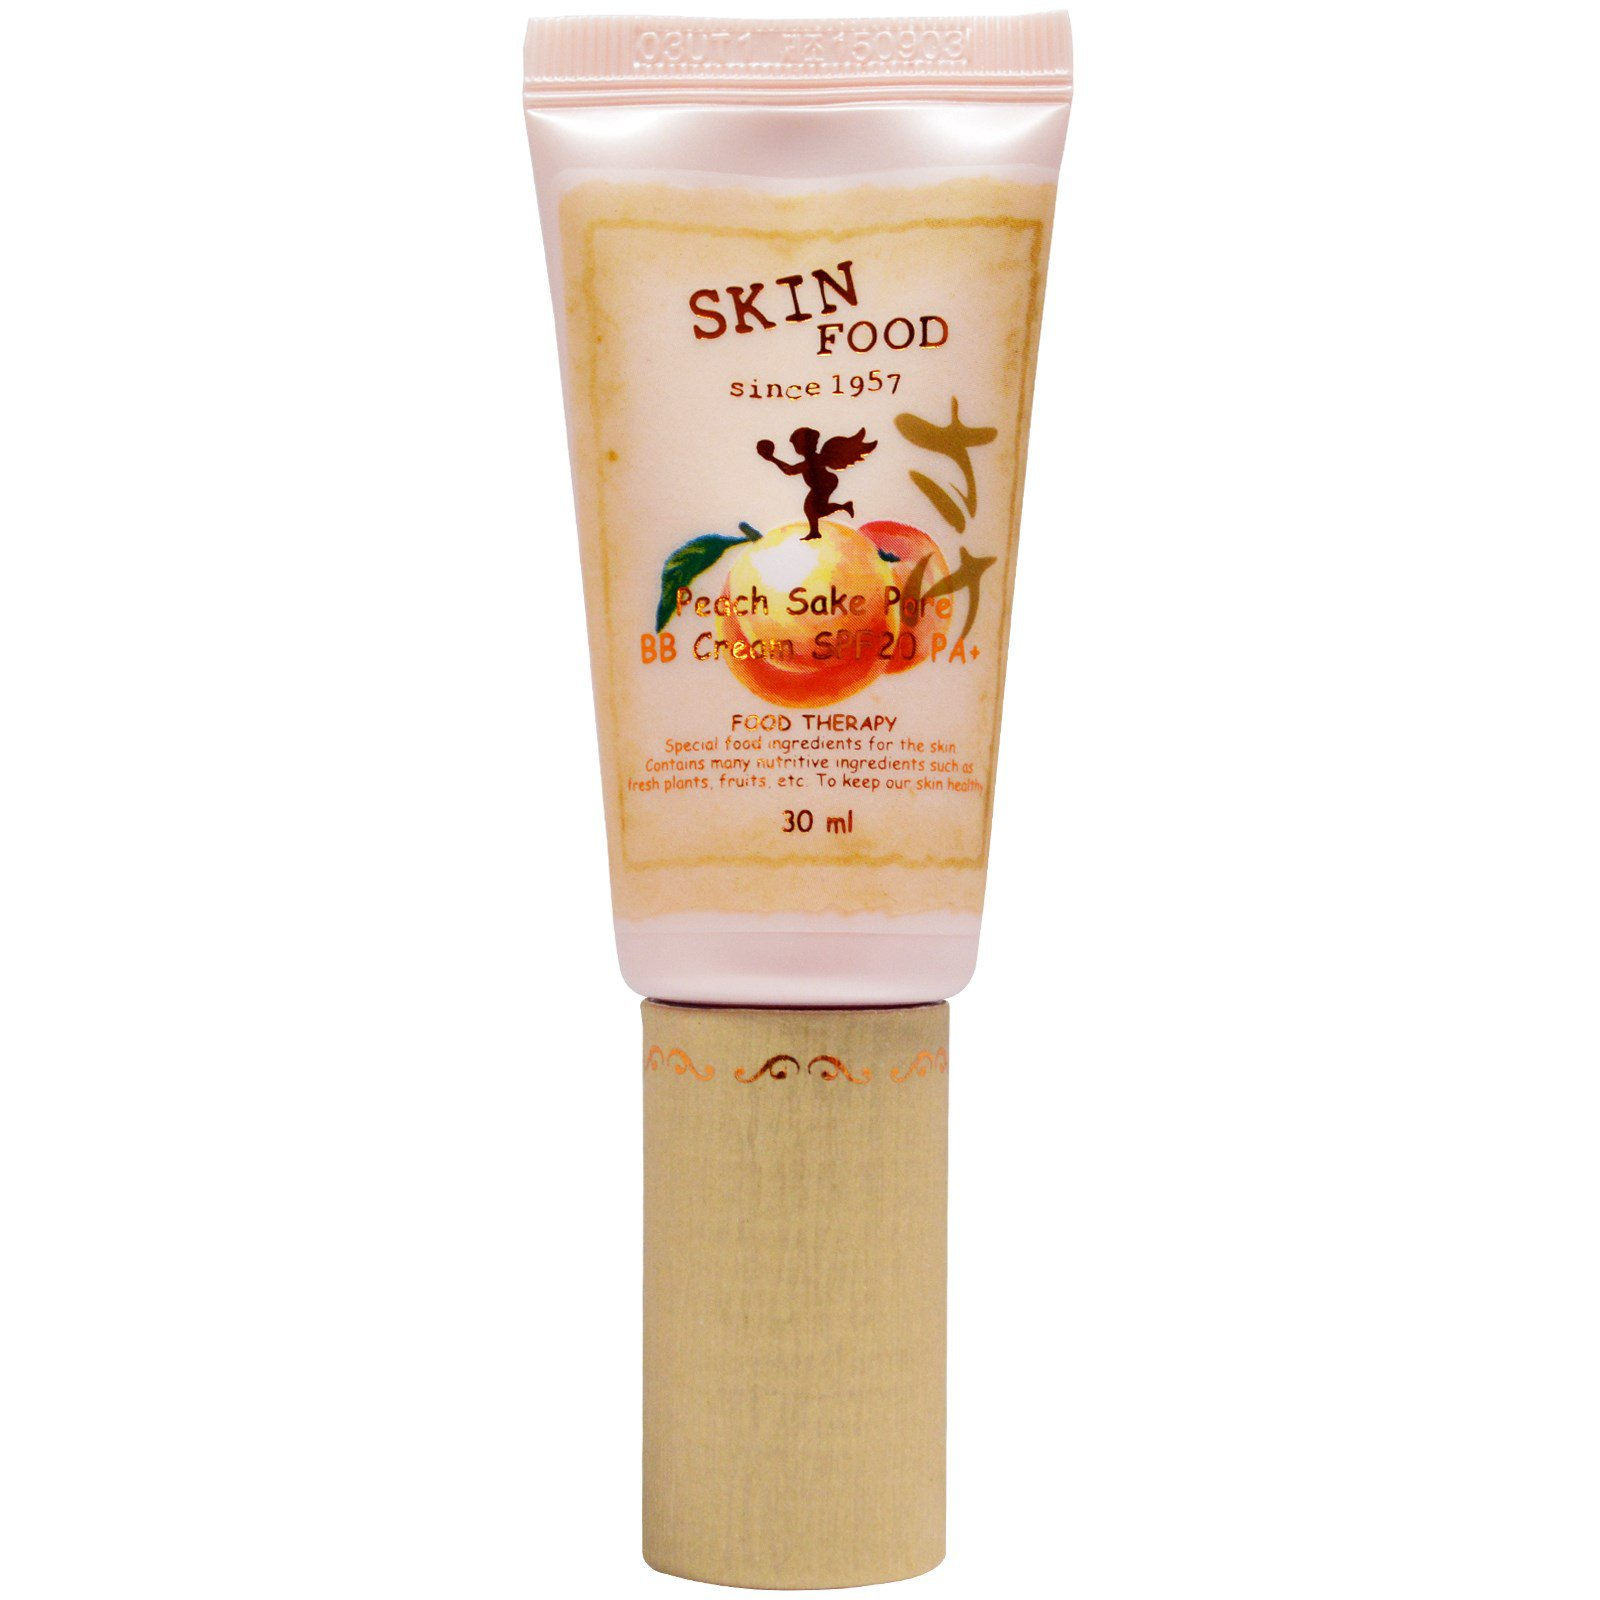 крем бб skin food  peach sake bb creamЛегкий ВВ крем Peach Sake Bb Cream,&amp;nbsp;который, наиболее подходит для проблемной кожи, жирной и комбинированной. Содержит экстракт риса и экстракт персика. Также в его составе аминокислоты и витамины А и С.<br><br>Экстракт риса оказывает легкое отбеливающее действие, выравнивает тон лица, устраняет потемнения и пигментные пятна.<br><br>Экстракт персика насыщает влагой, витаминами необходимыми для восстановления клеток кожи.<br><br>Крем Skinfood прекрасно сужает поры, снижает интенсивную деятельность сальных желез, поглощает лишний жир, придает коже привлекательный ровный матовый оттенок.<br><br>ВВ крем достаточно стойкий, обеспечивает незаметное флюидное покрытие, адаптируется под цвет и тон кожи. Лицо приобретает свежий вид.<br><br>Крем не только надежно скрывает несовершенства и дефекты кожи, но и успокаивает, снимает раздражение, устраняет красноту.<br><br>ВВ крем имеет минимальную плотность, поэтому отлично подойдет для тех, кто не любит плотные покрытия.<br><br>Текстура крема легкая и мягкая, он ровно ложиться, обеспечивает равномерное покрытие, прекрасно адаптируется, впитывается быстро и без остатка не утяжеляет и не стягивает кожу, не дает неестественного неприятного блеска.<br><br>Выпускается в 2 вариантах:<br><br><br>#1 Peach Sake Bb Cream Light Beige - светло-бежевый<br><br>#2 Peach Sake Bb Cream #2 Natural Beige - натуральный бежевый<br><br><br>Способ применения: Наложить крем в достаточном количестве, распространить по поверхности кожи, равномерно массируя пальцами, подождать пока крем впитается в кожу полностью.<br><br>Объем: 30 мл<br>